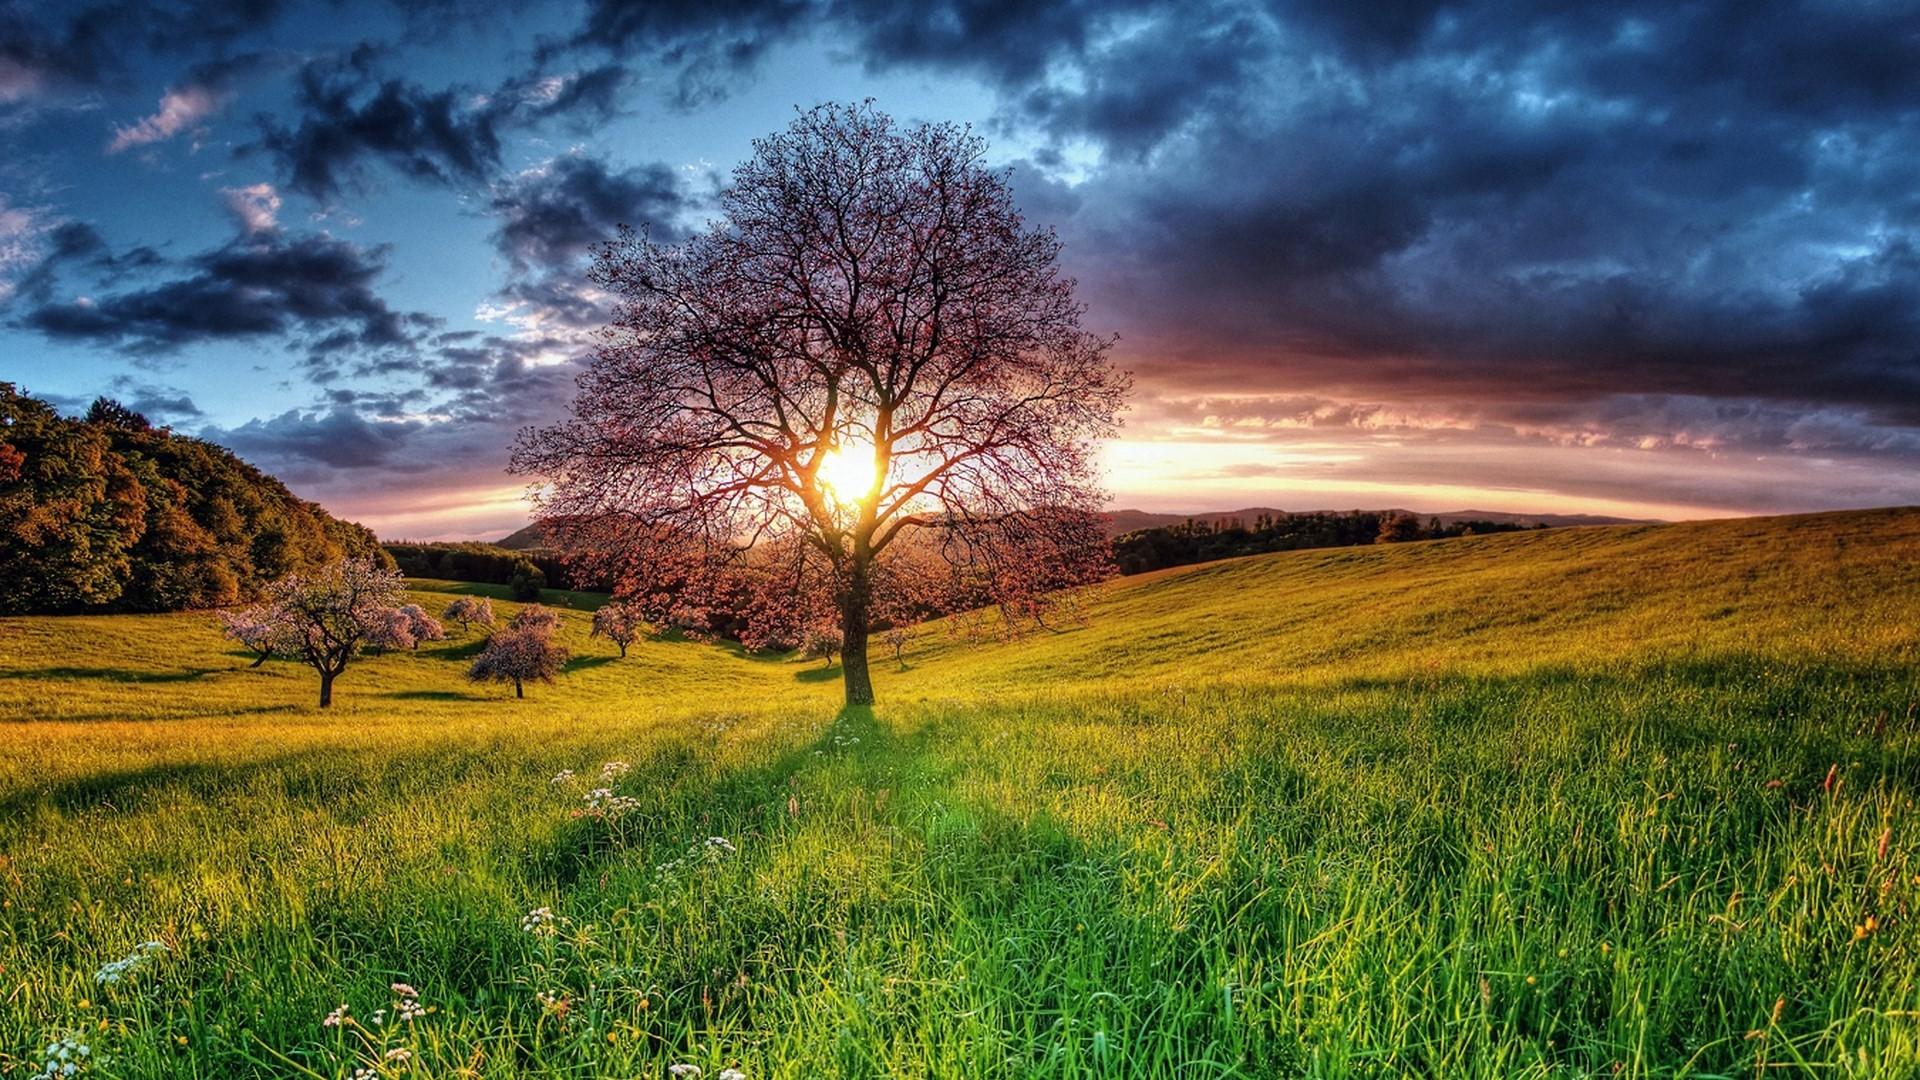 Sunset HD Nature Wallpaper